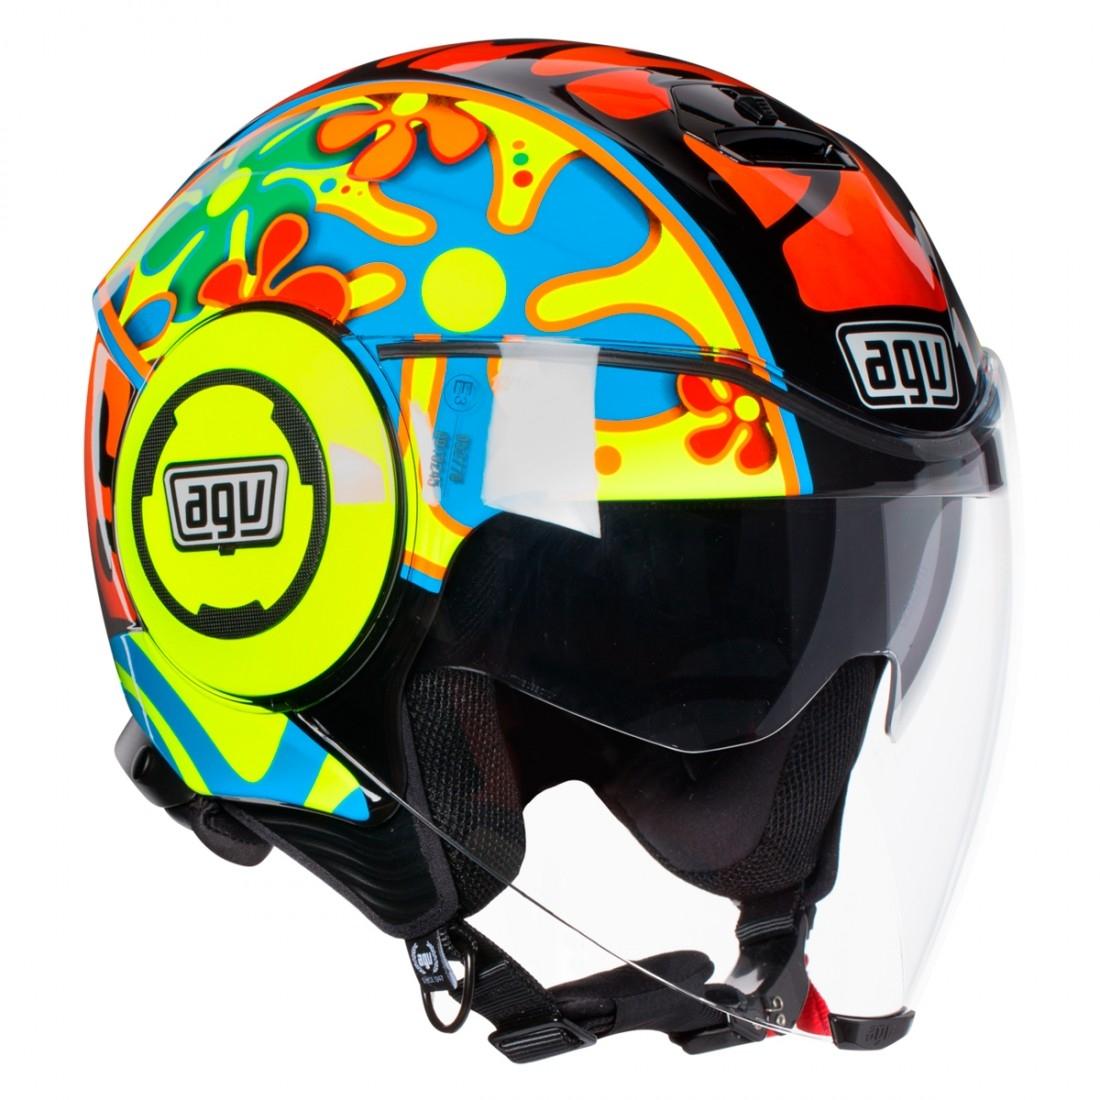 AGV Fluid Rossi Valencia 2003 Helmet